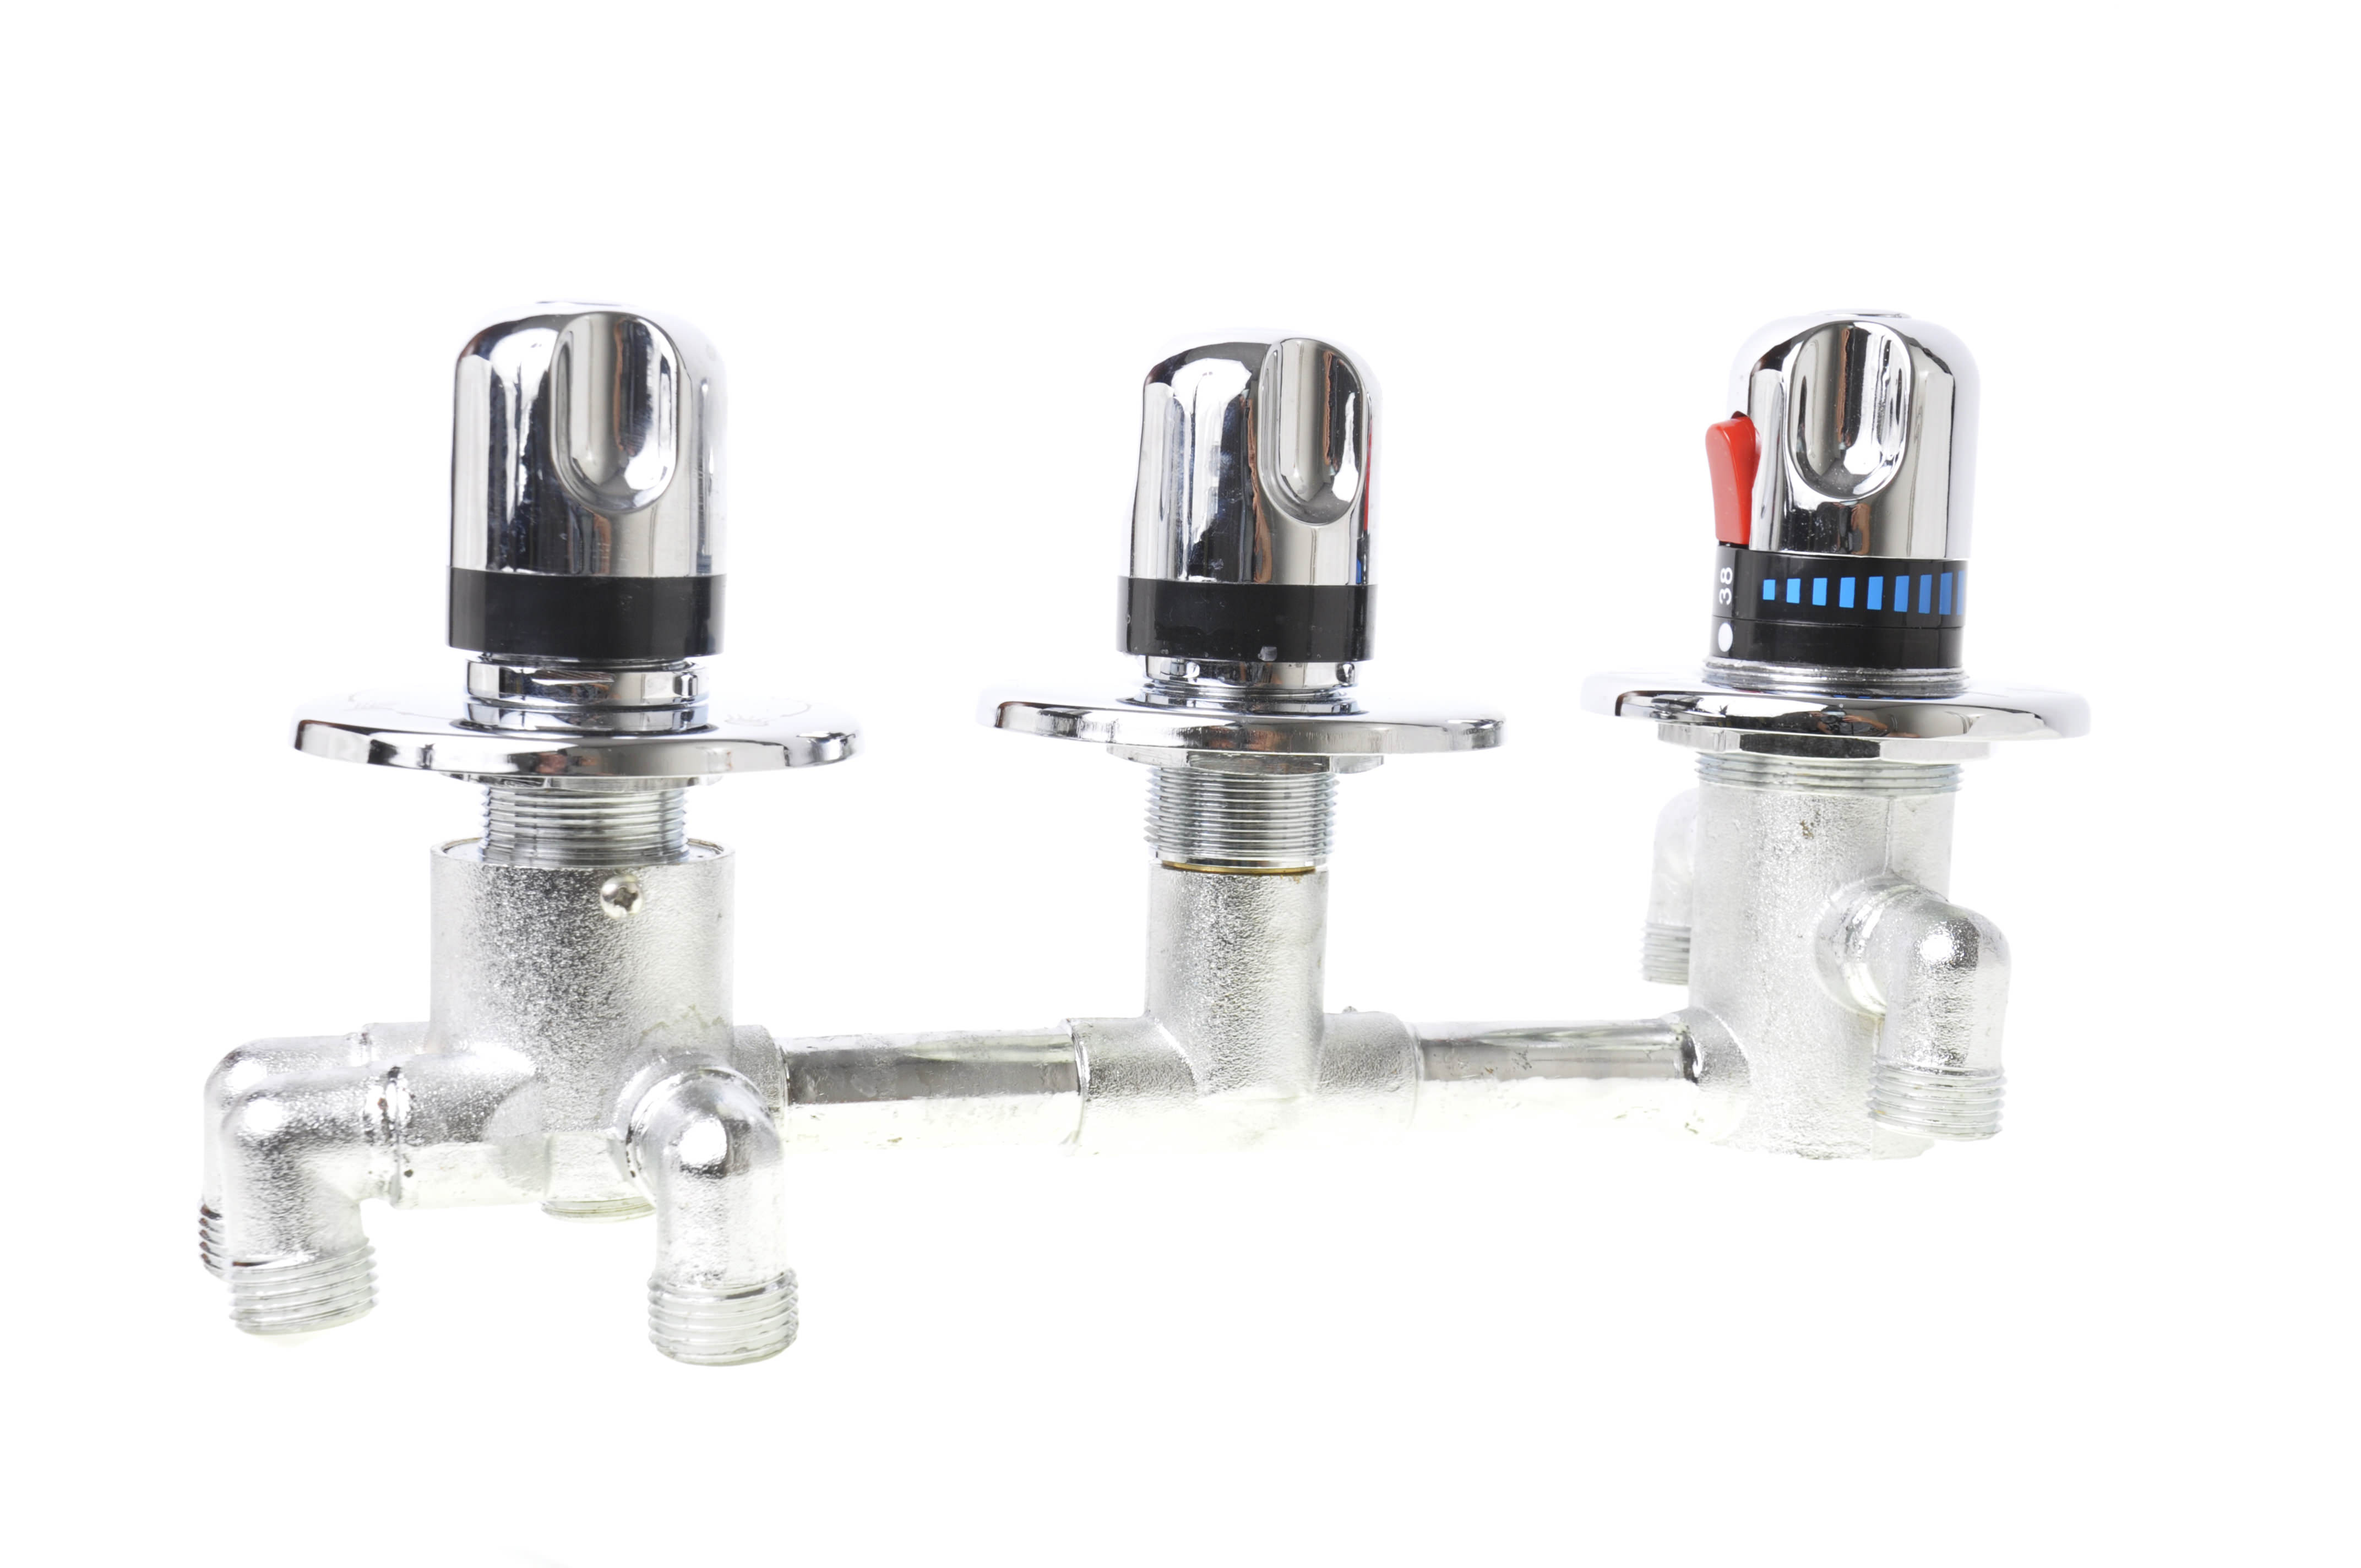 Rubinetto Della Vasca Da Bagno In Inglese : Ersatz thermostatarmatur rubinetto rubinetteria per whirlpool